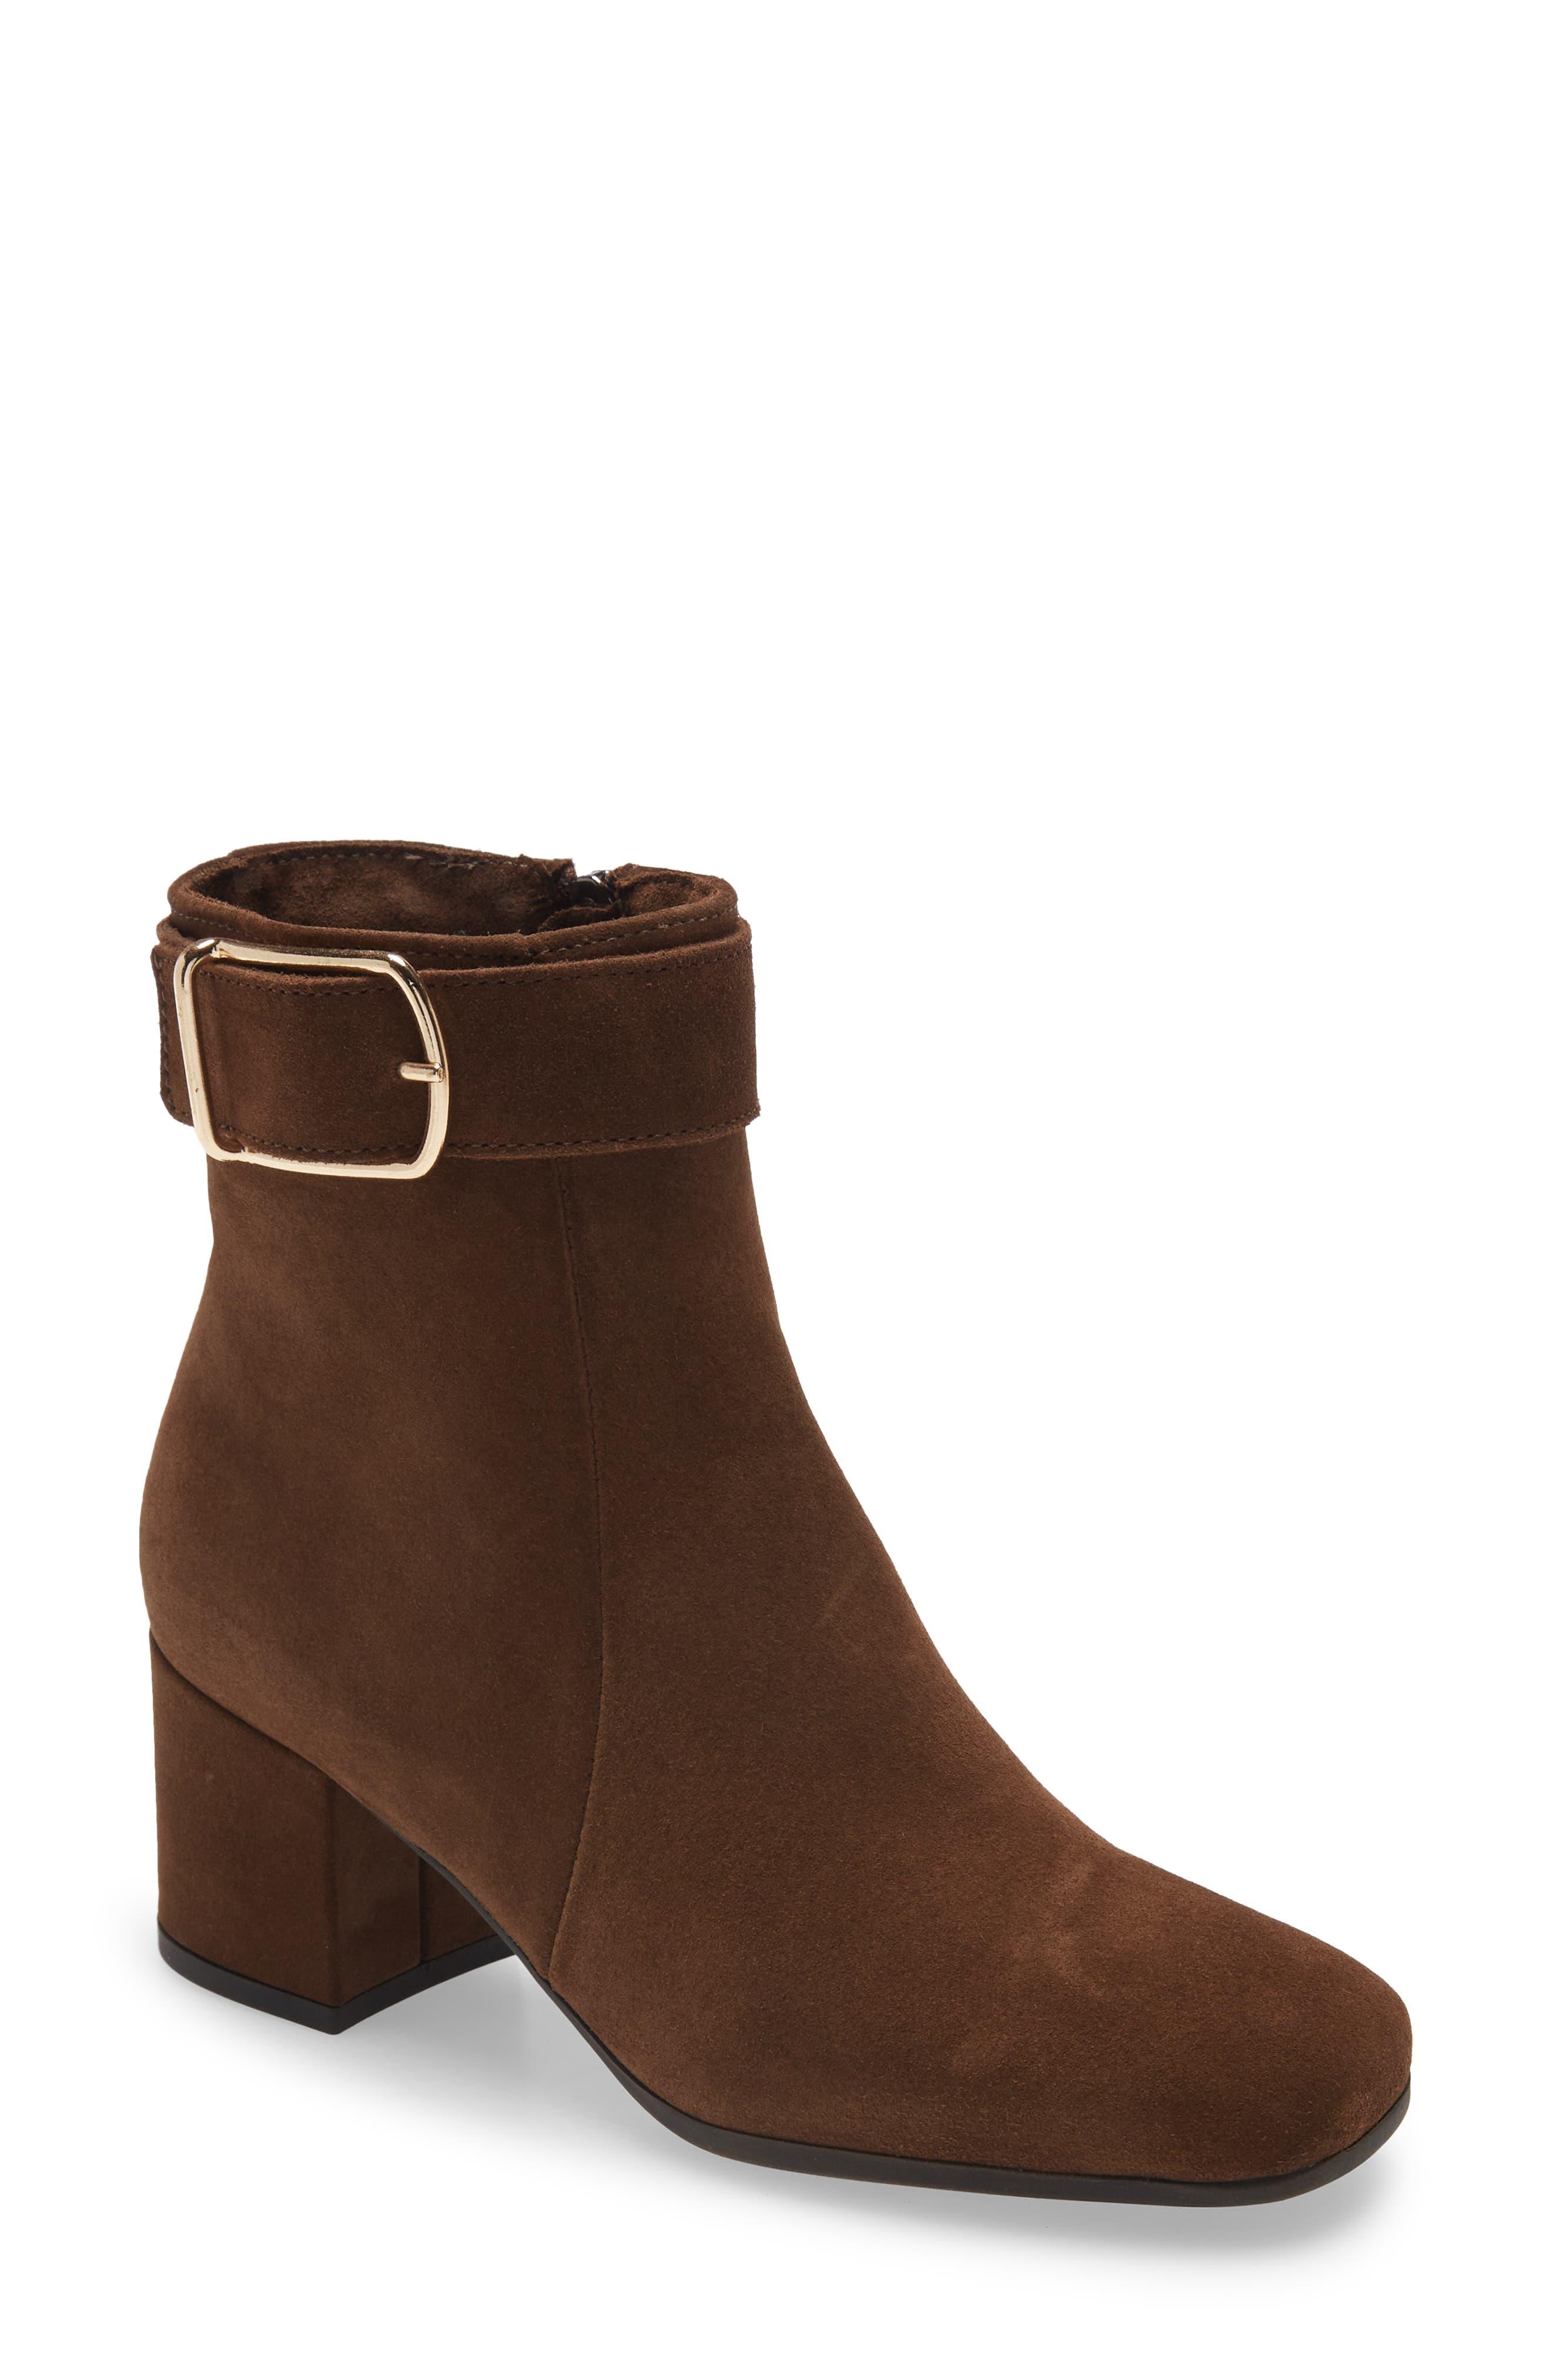 Jesse Waterproof Ankle Boot